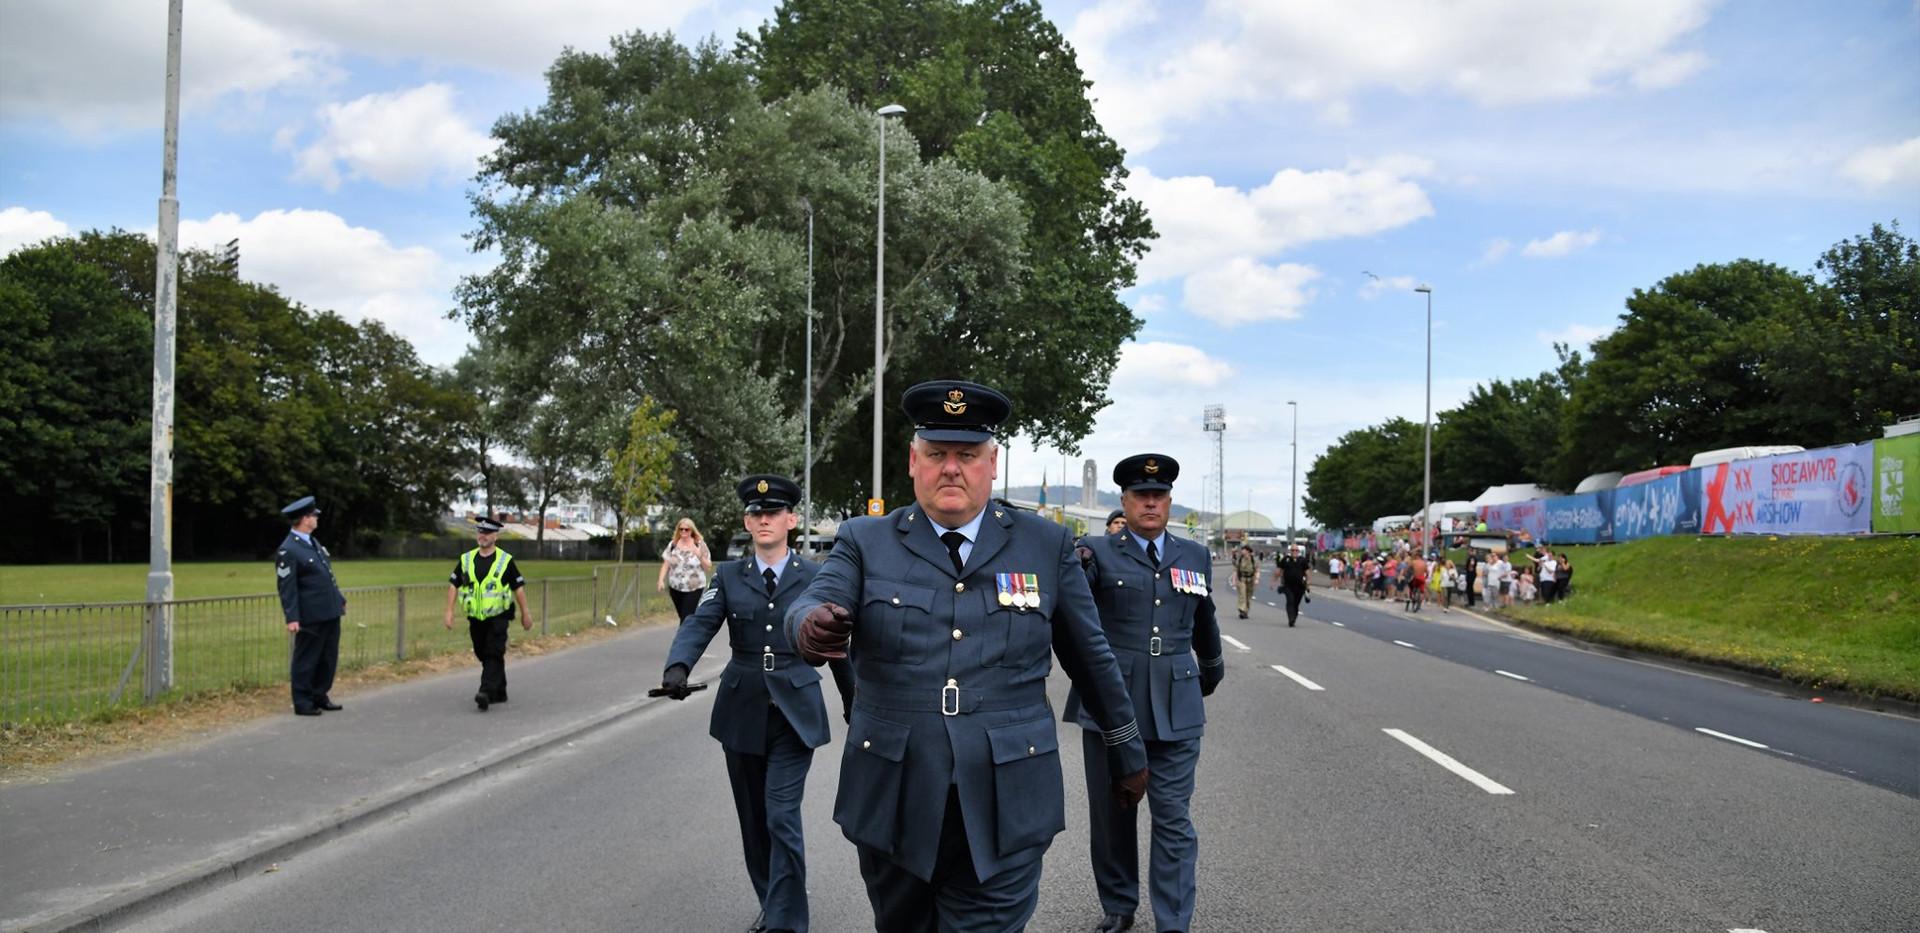 Wg Cdr Mike Stones - Swansea parade.jpg